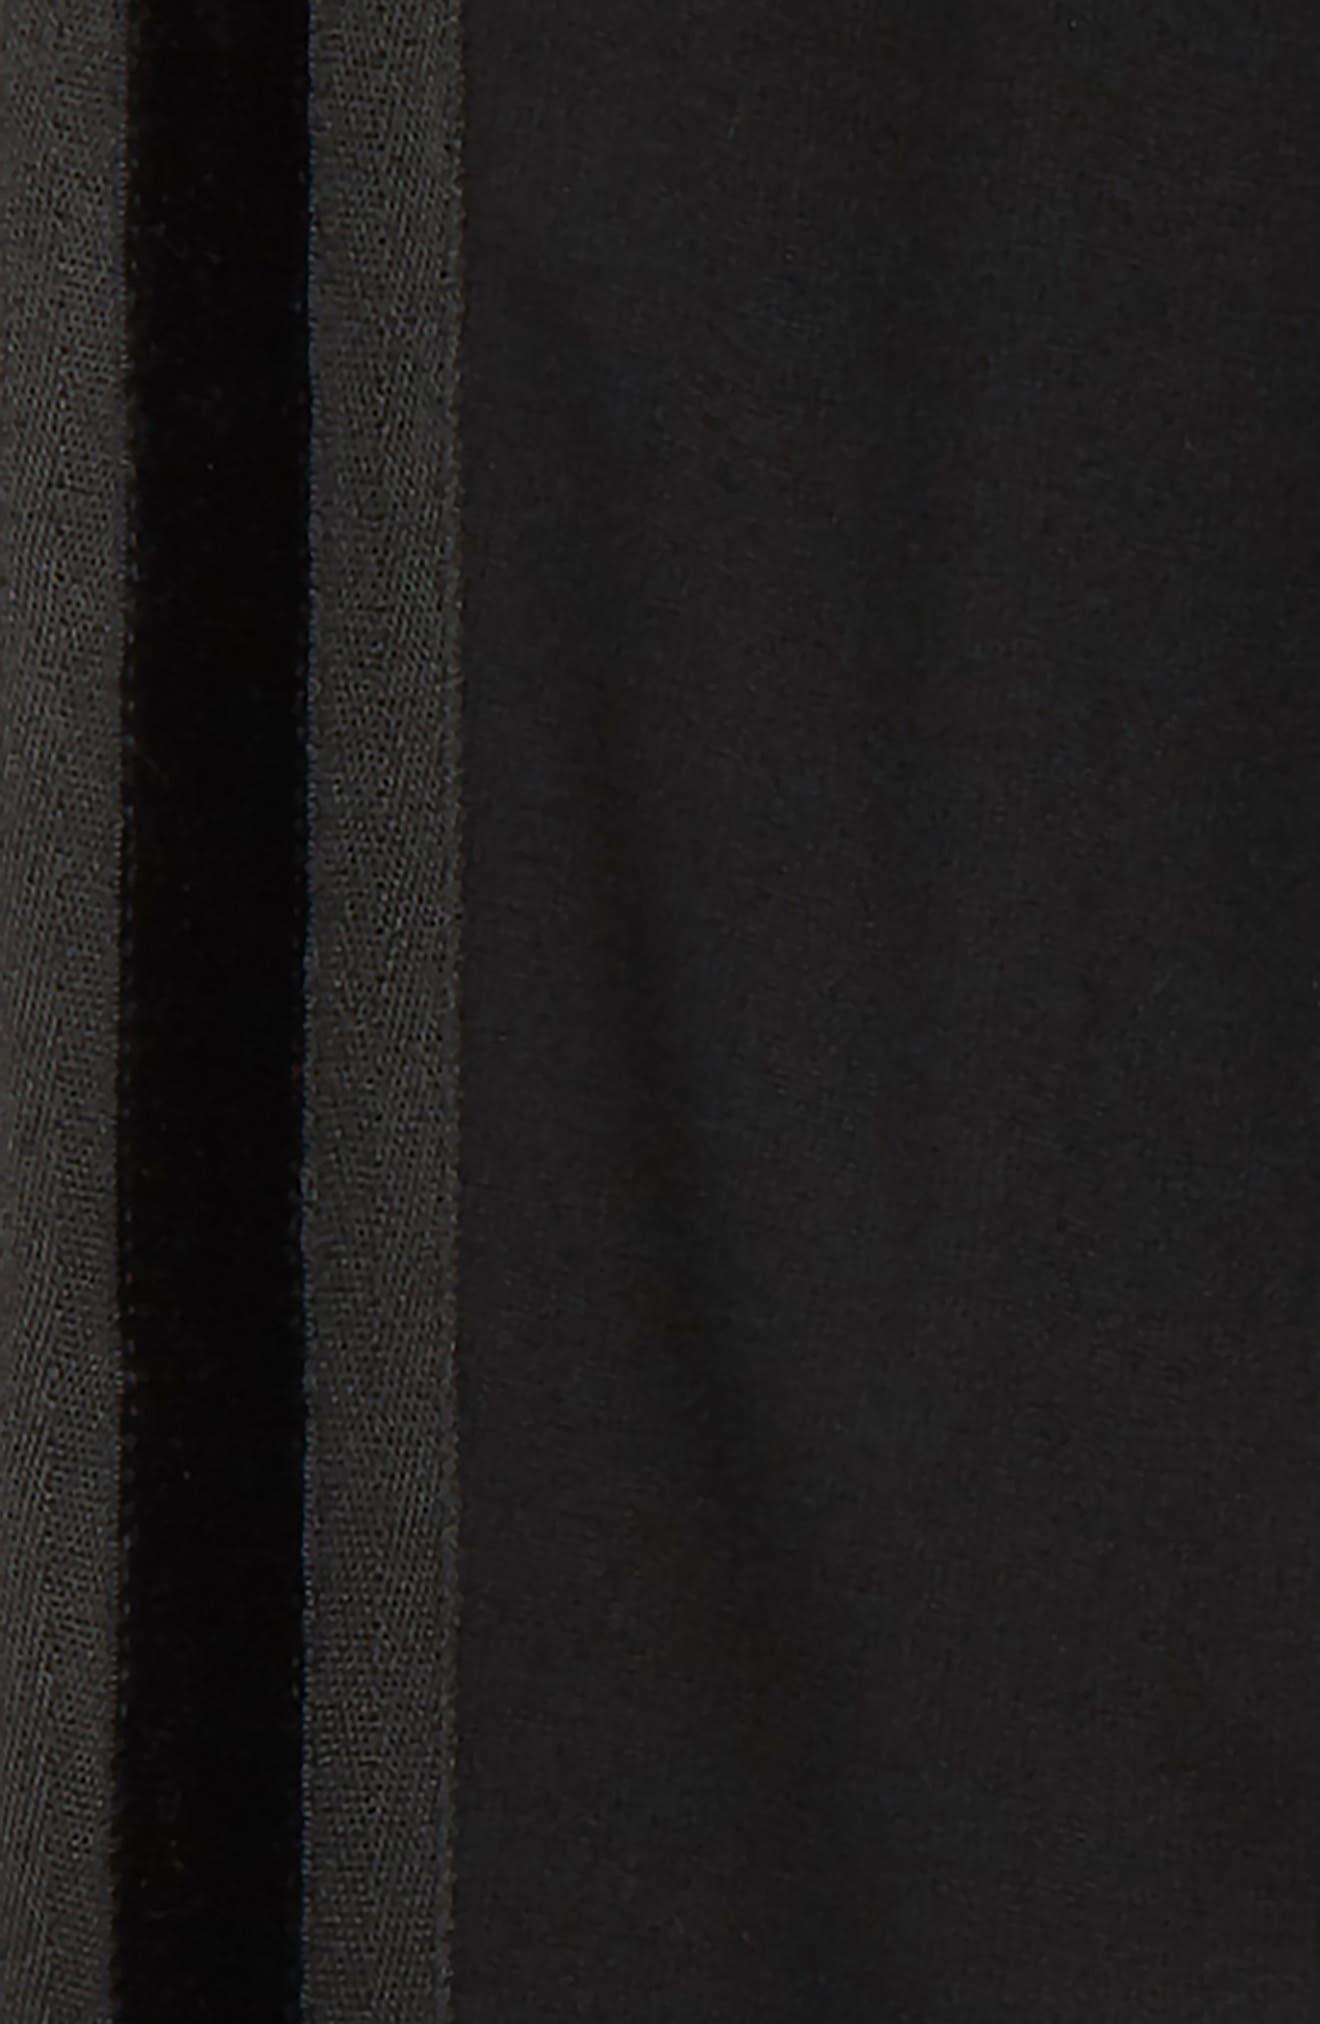 Velvet Side Stripe Joggers,                             Alternate thumbnail 2, color,                             001